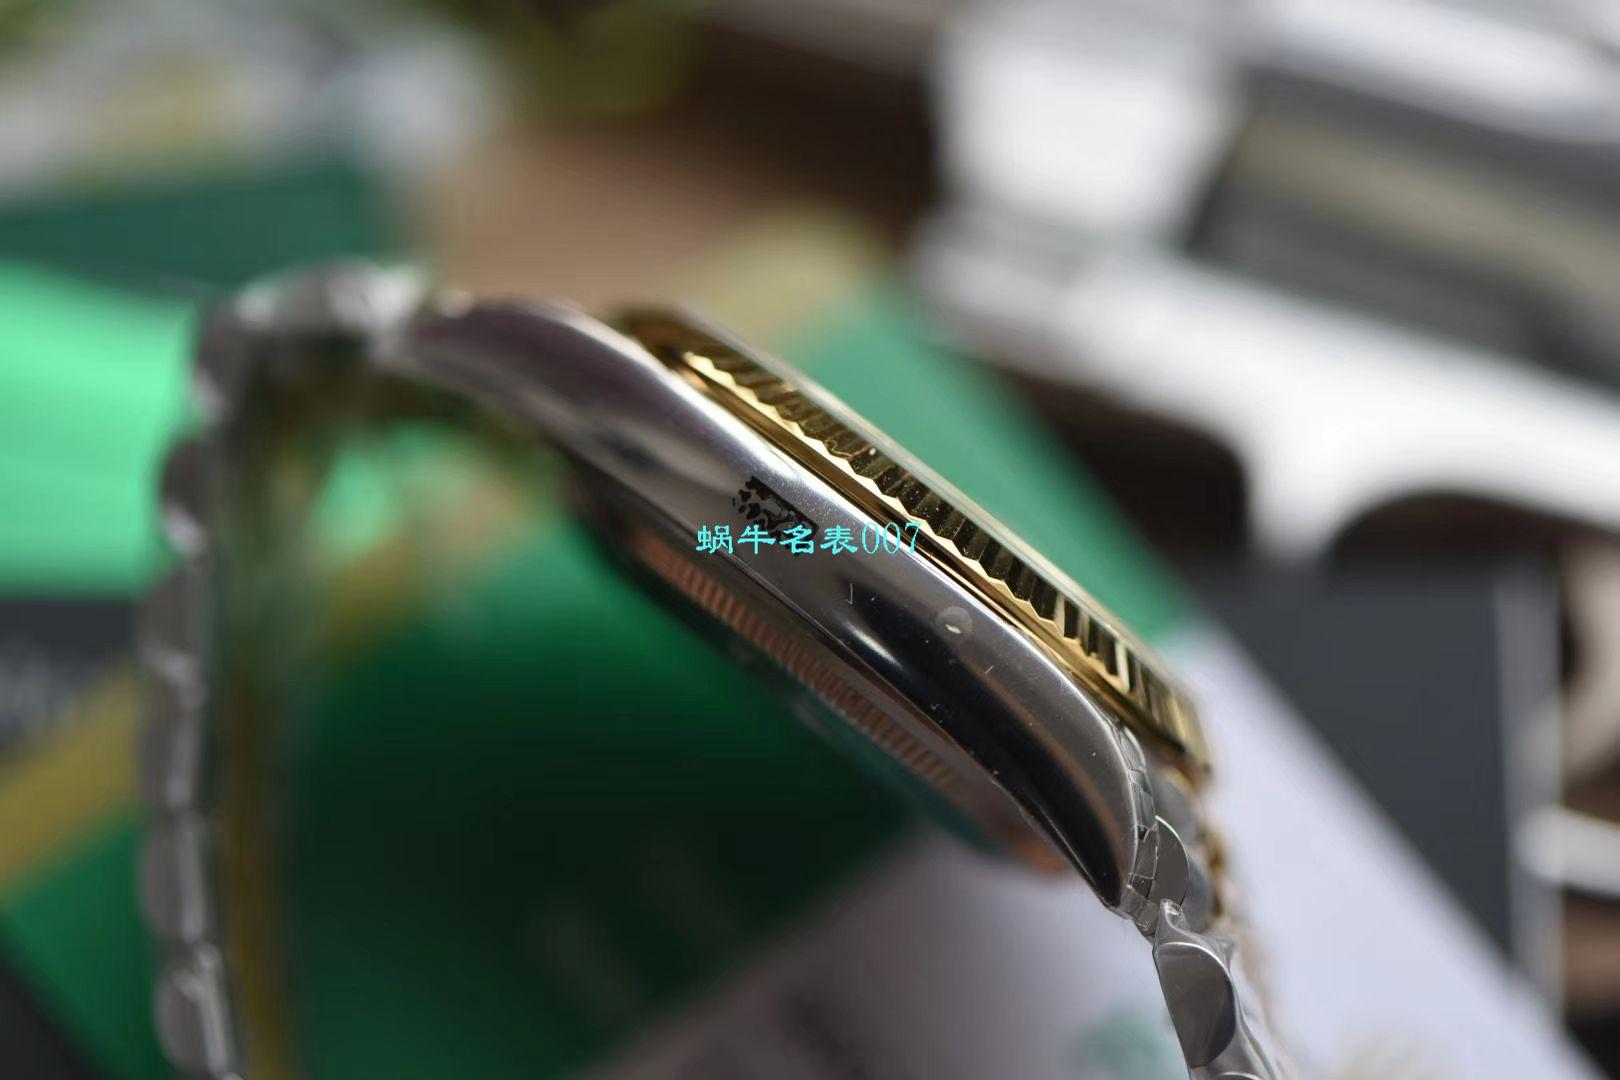 视频评测EW厂顶级复刻劳力士日志型36毫米m126233-0025腕表 / R356